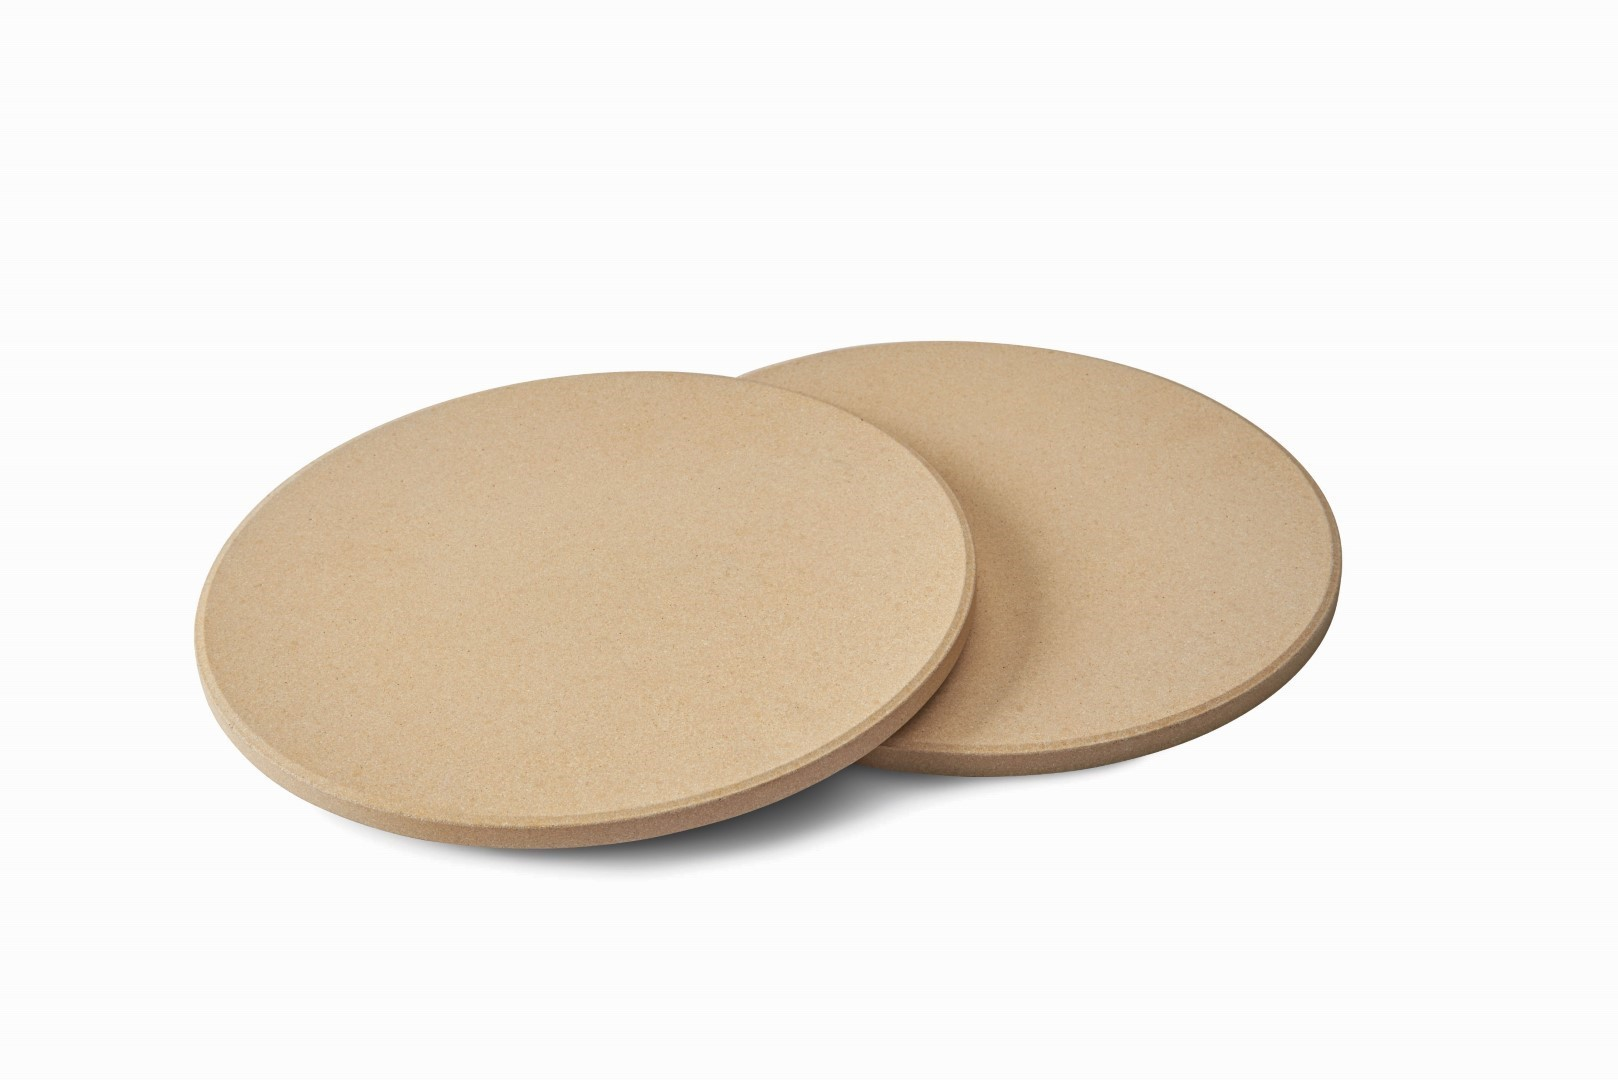 Persoonlijke pizzasteen voor TravelQ, diameter 25cm (2 stuks)